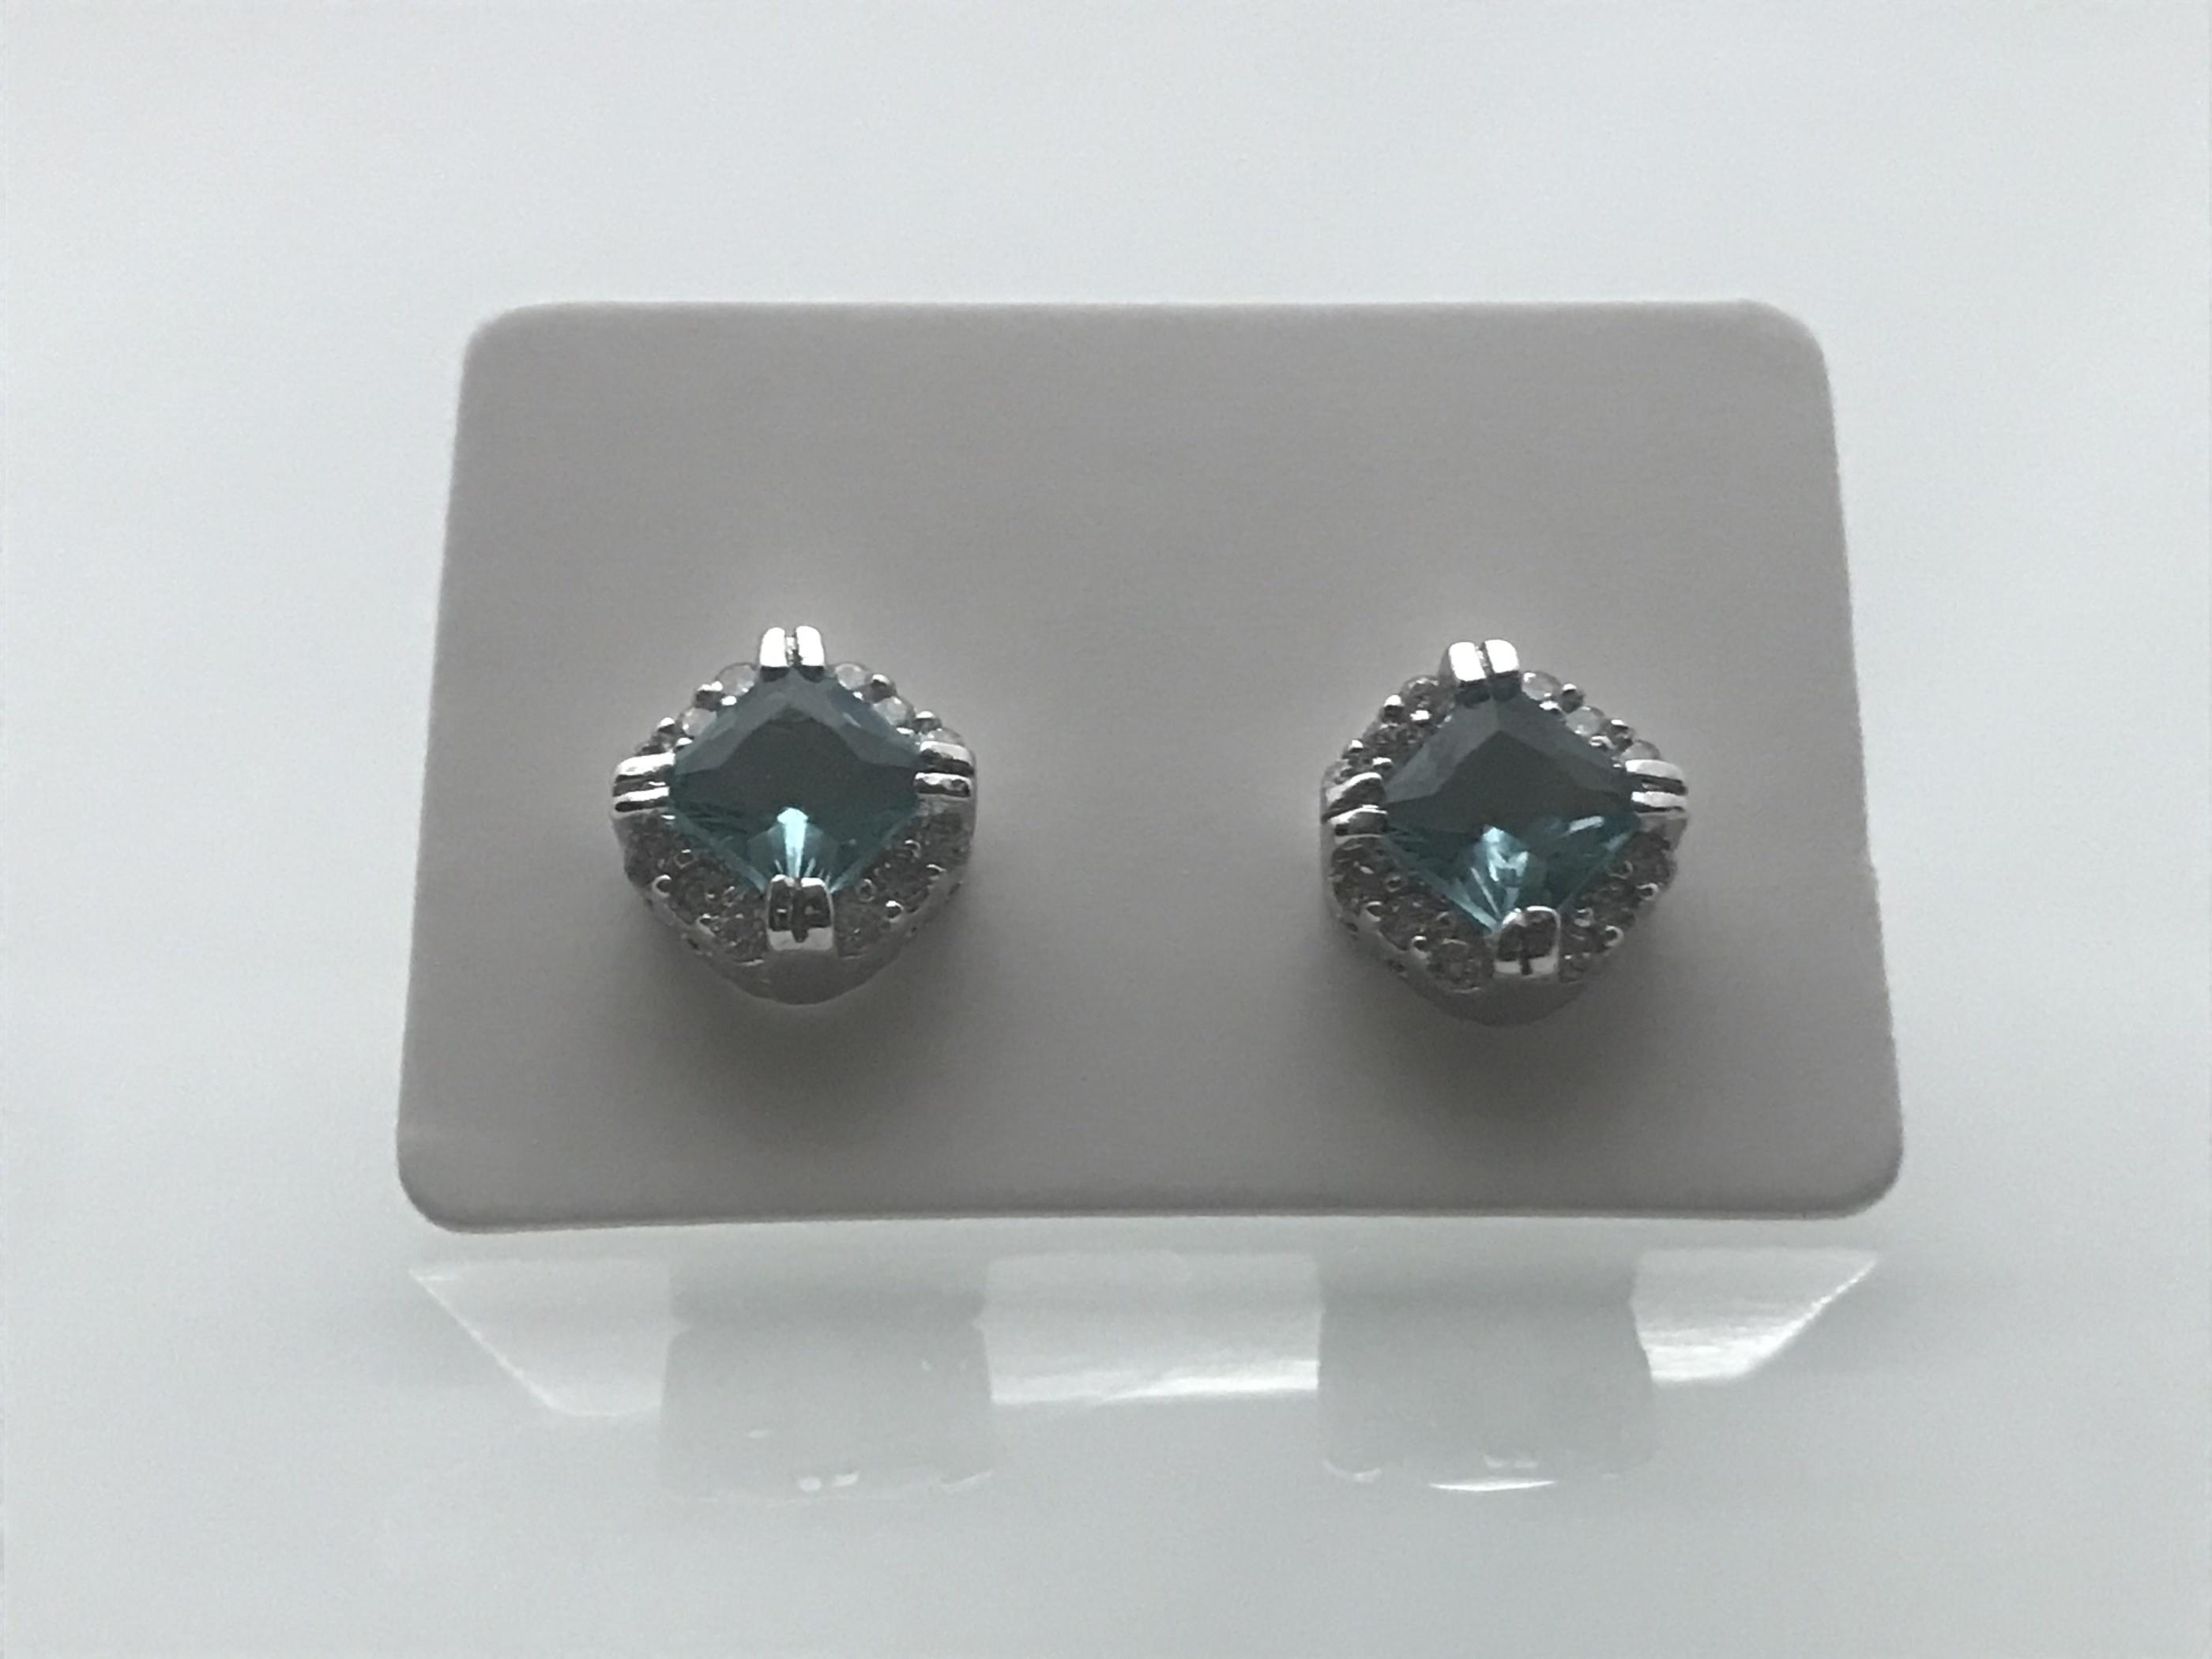 Silverörhängen med akvamarin